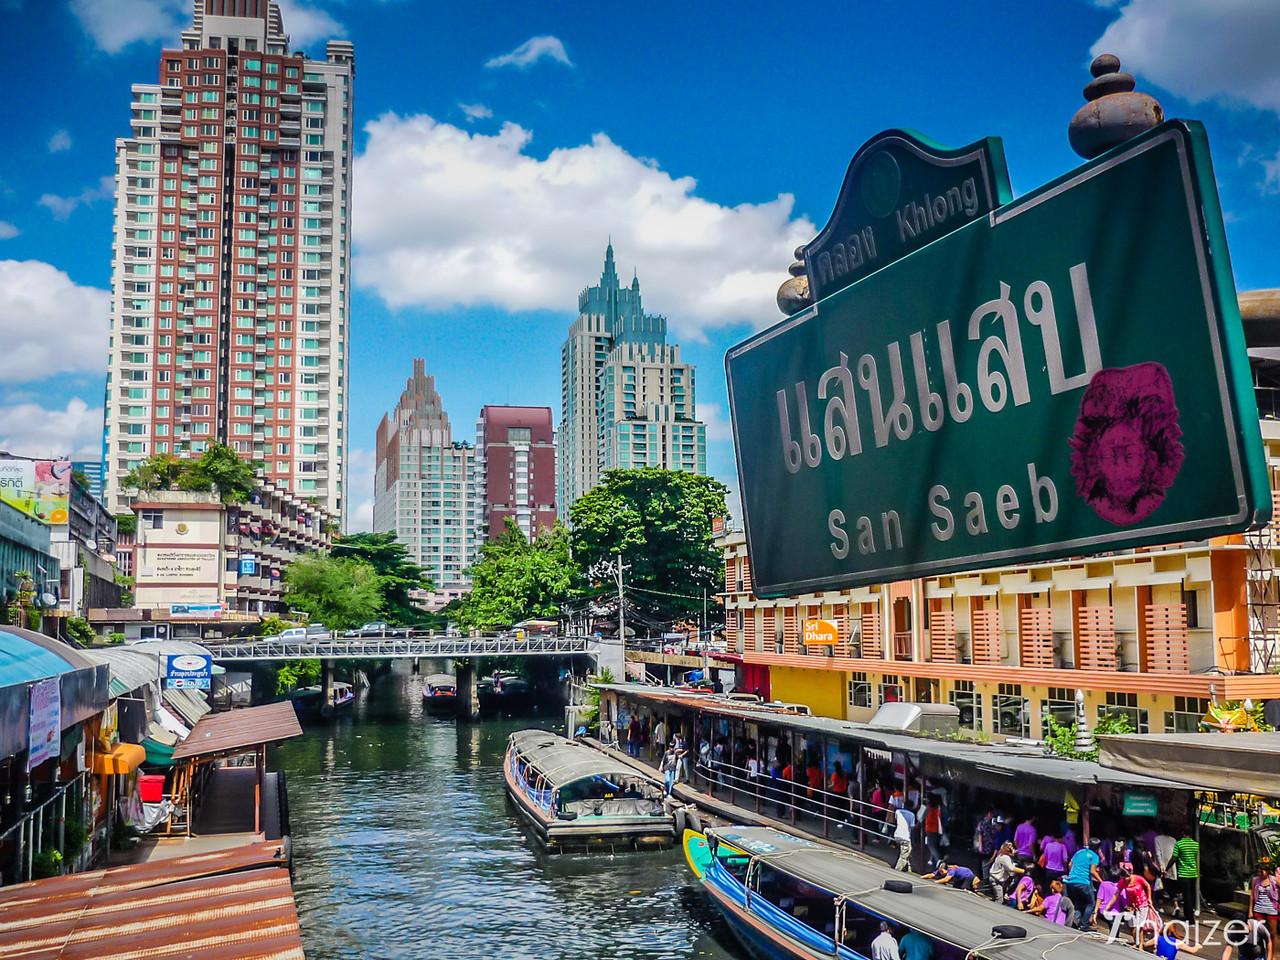 Khlong Saen Saeb Canal, Bangkok